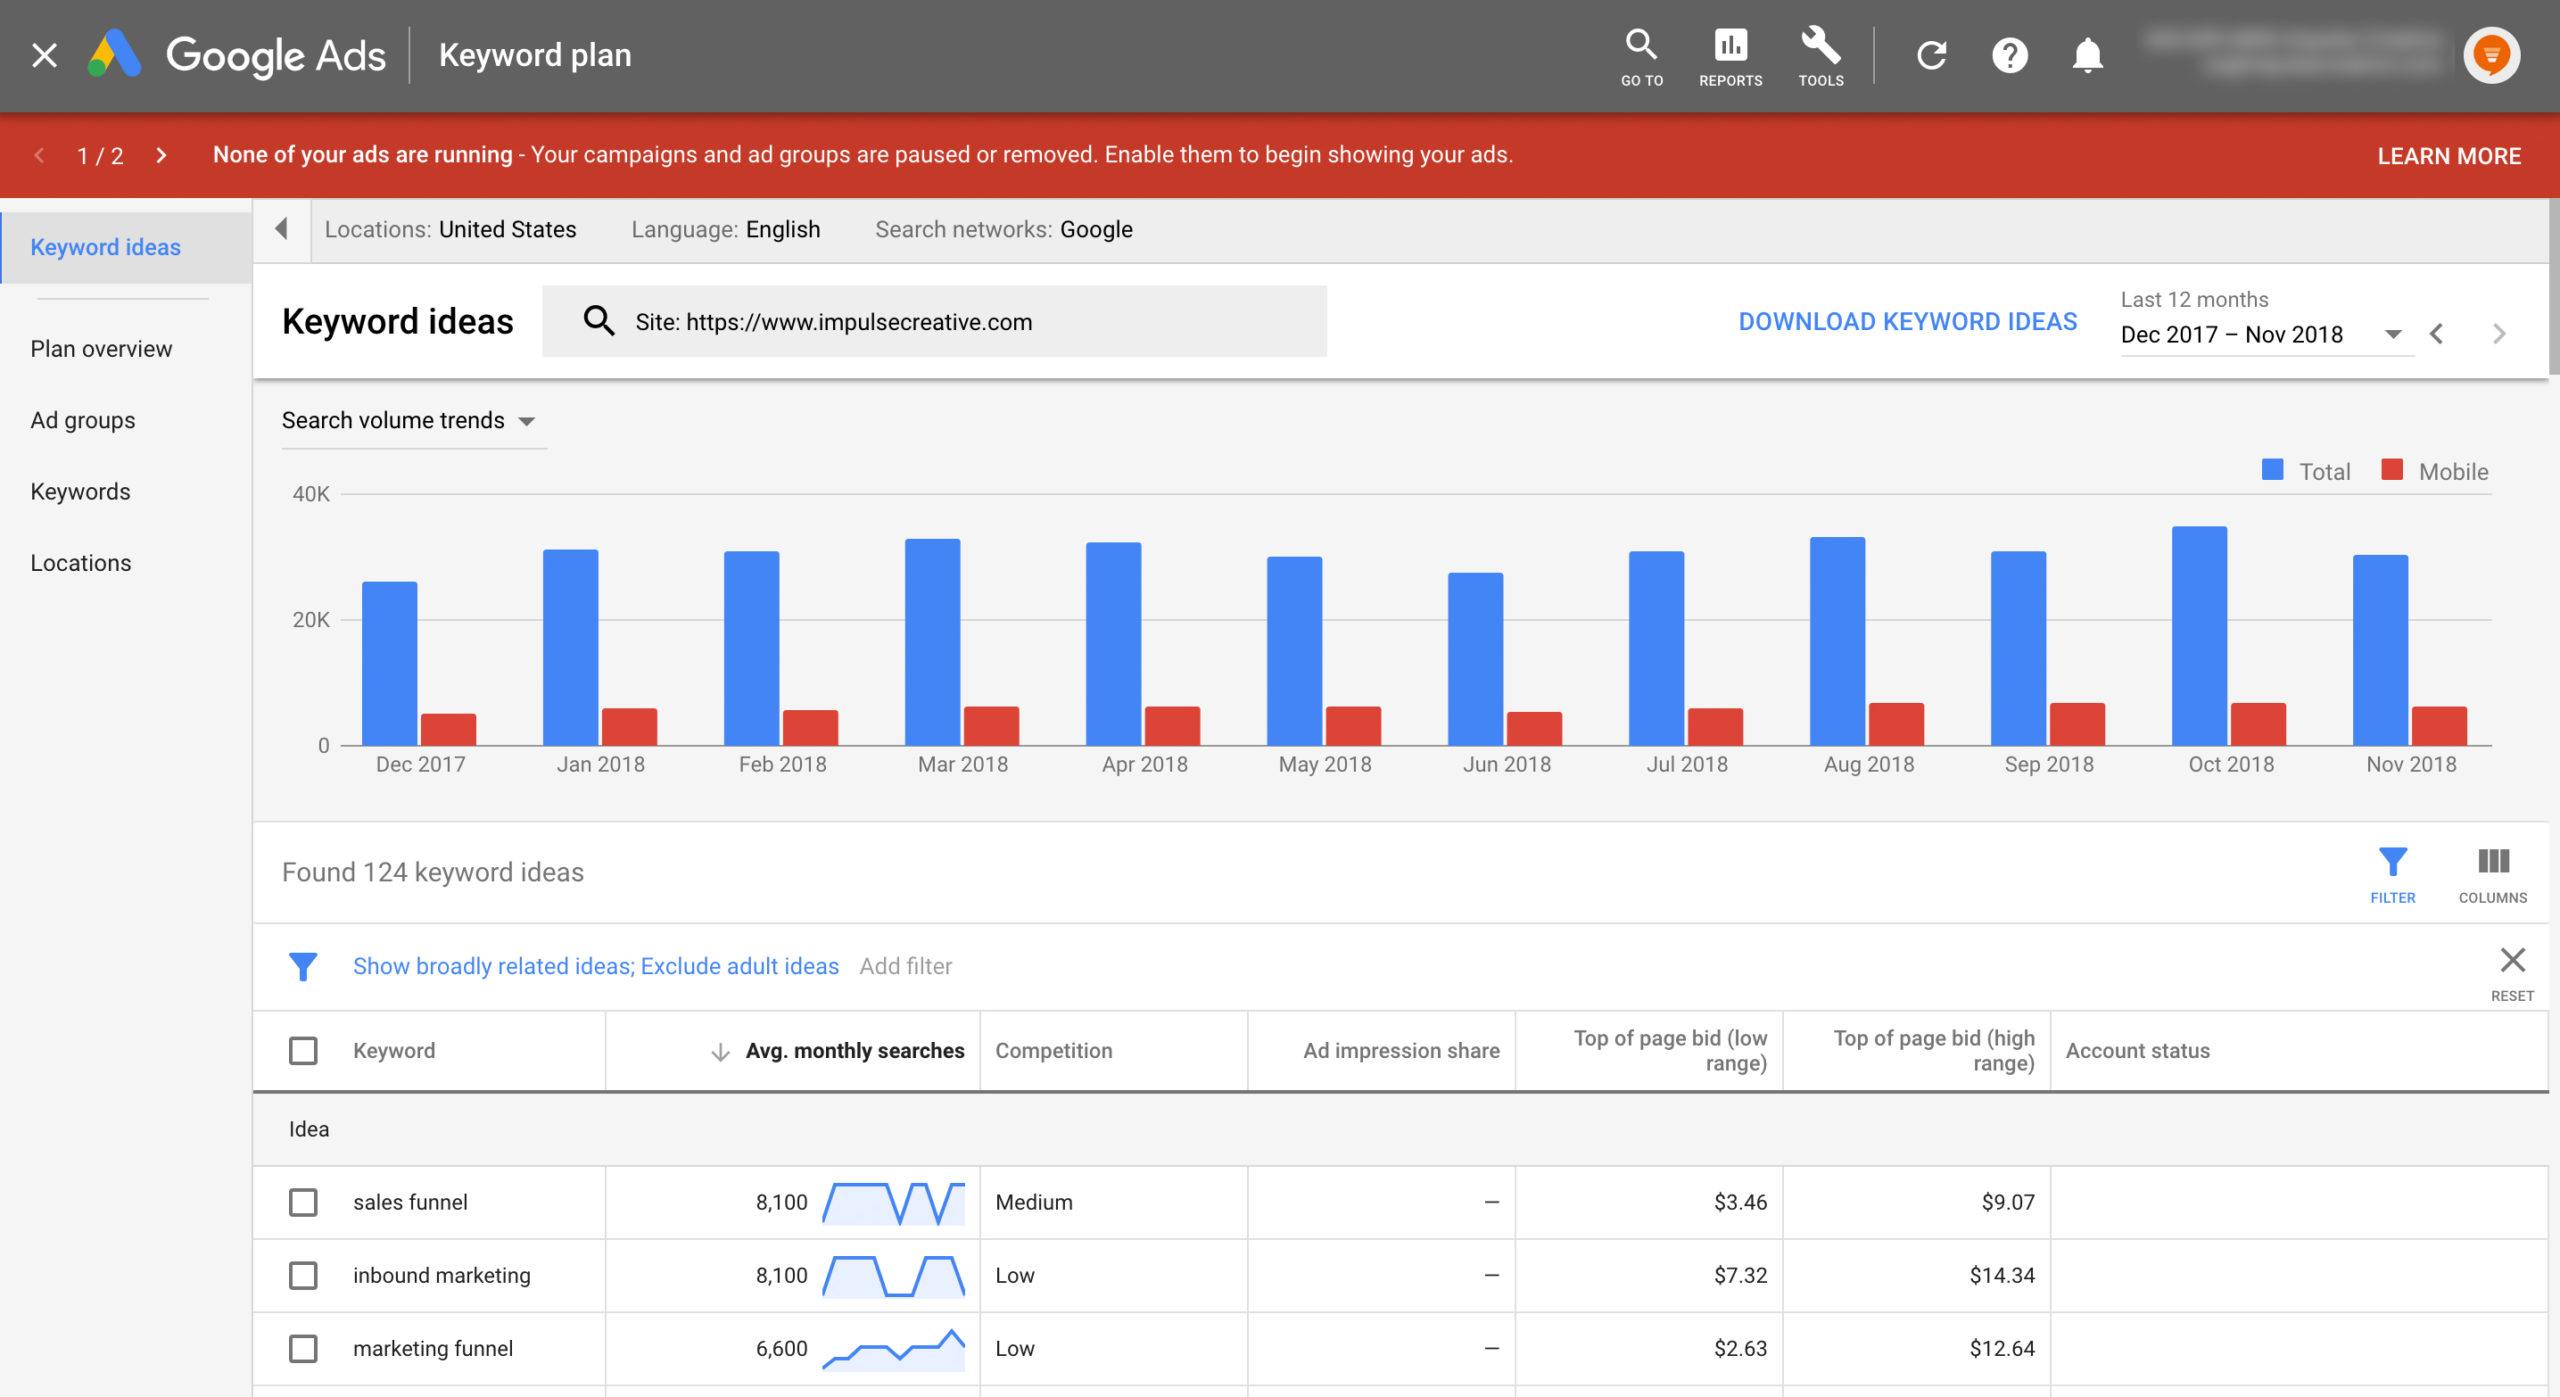 Planificateur de mots-clés Google Adwords